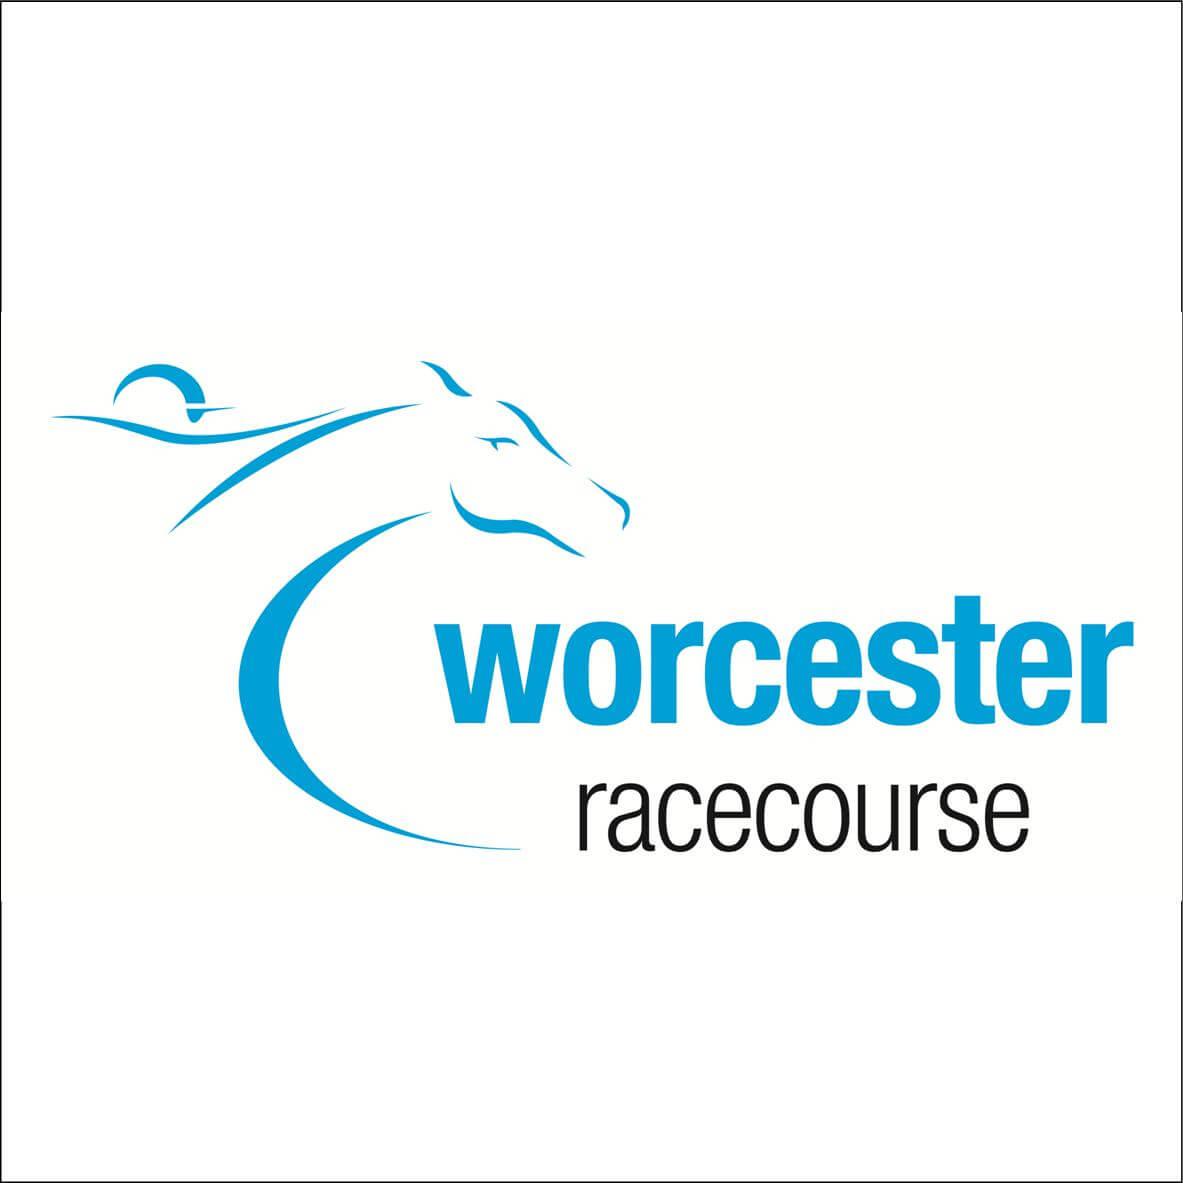 worcester racecourse logo